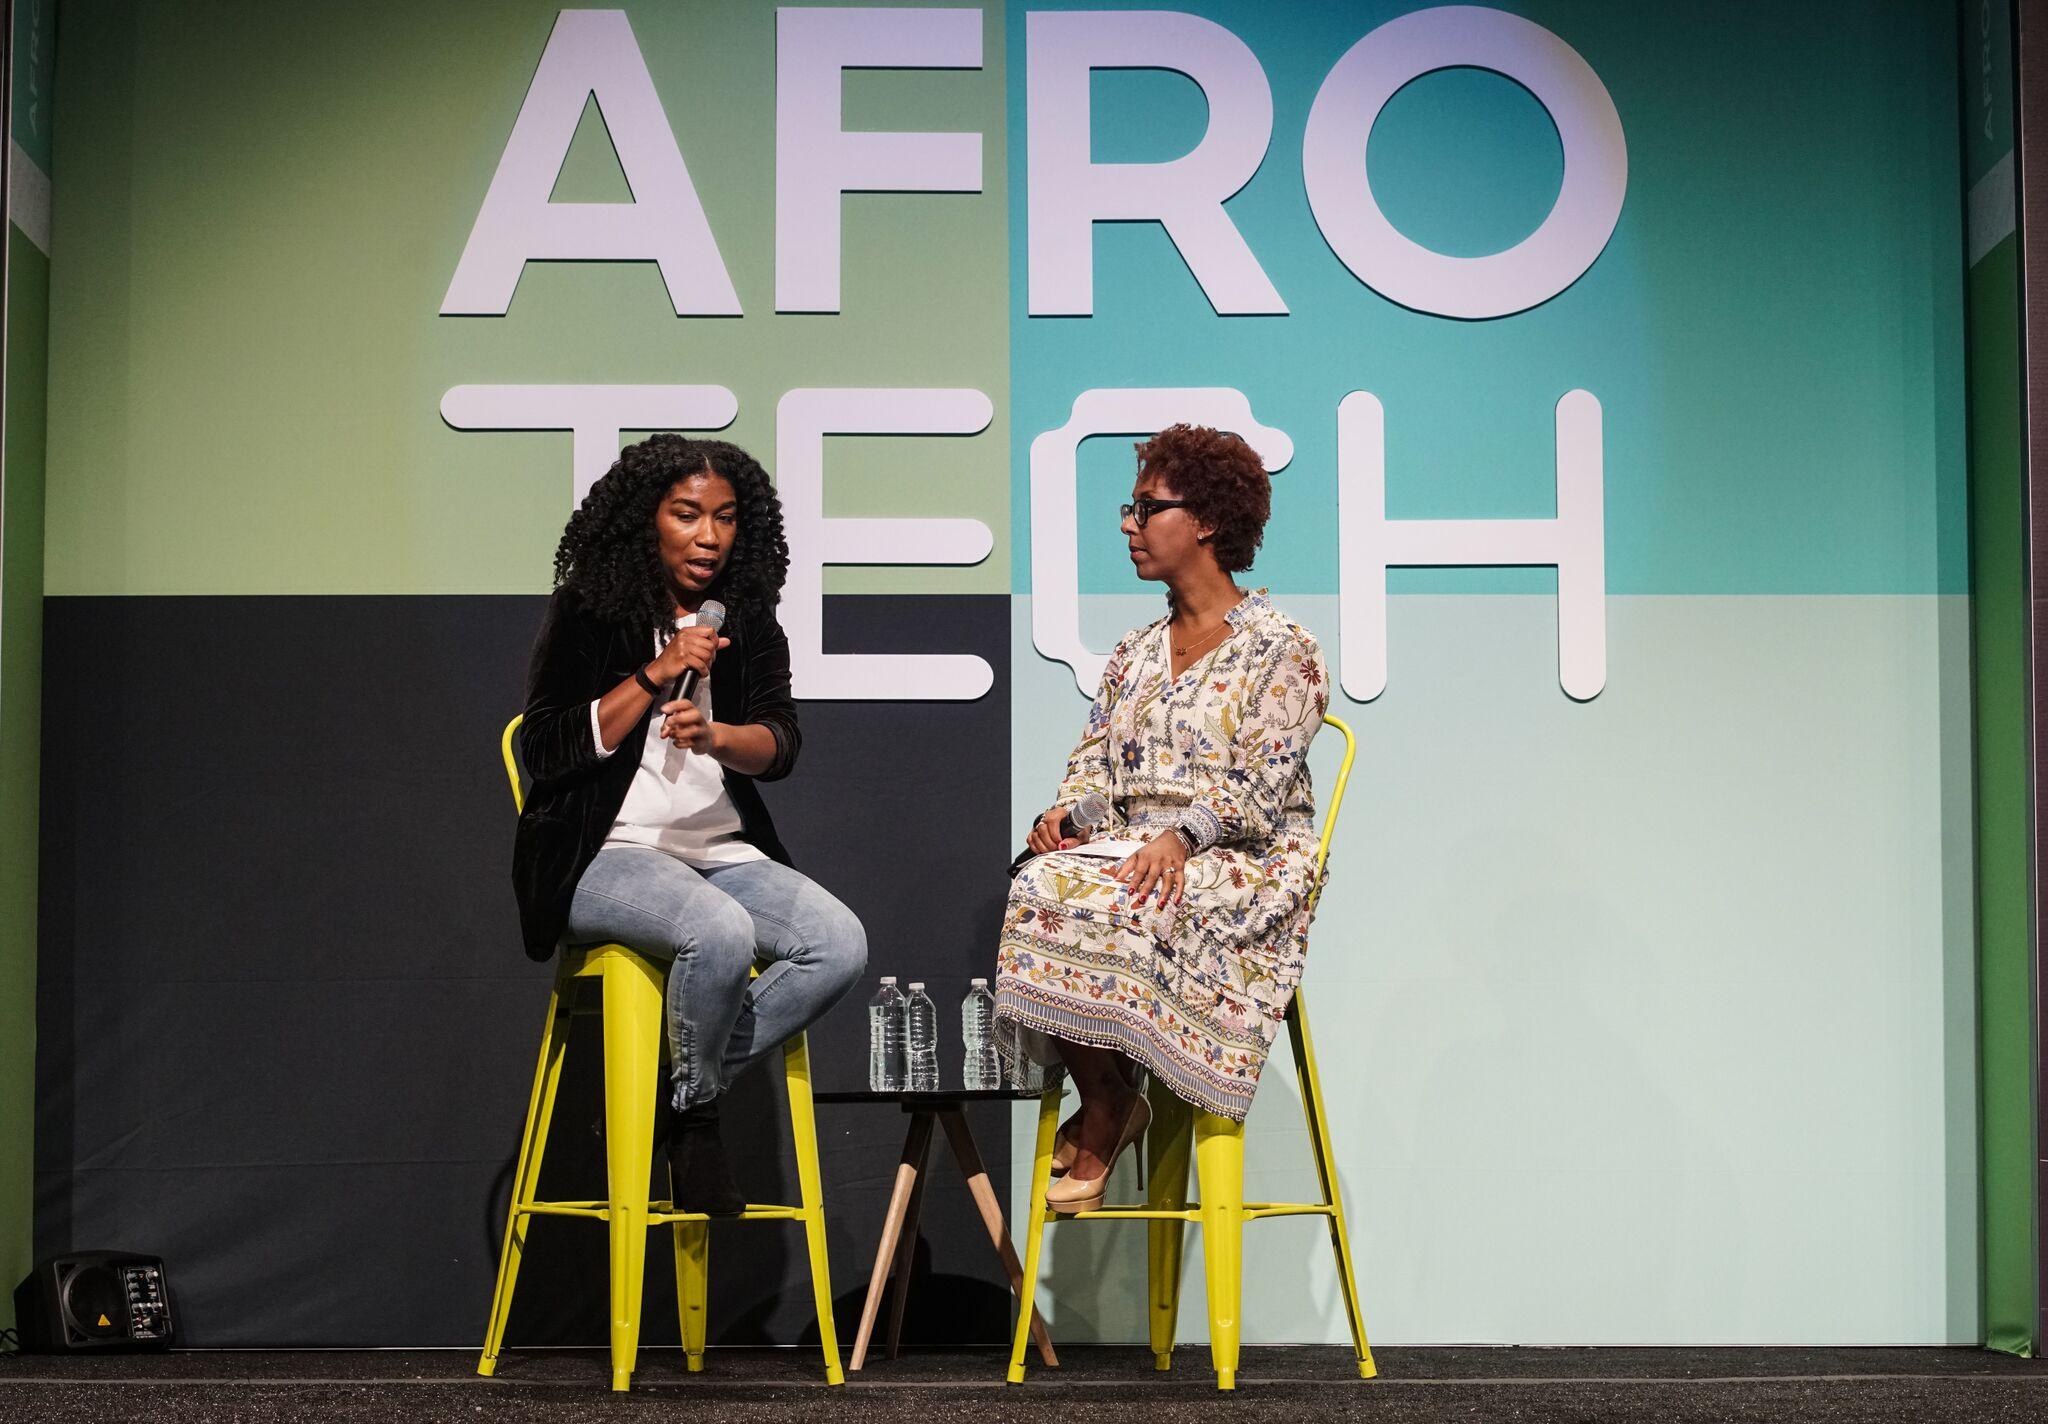 Afrotech